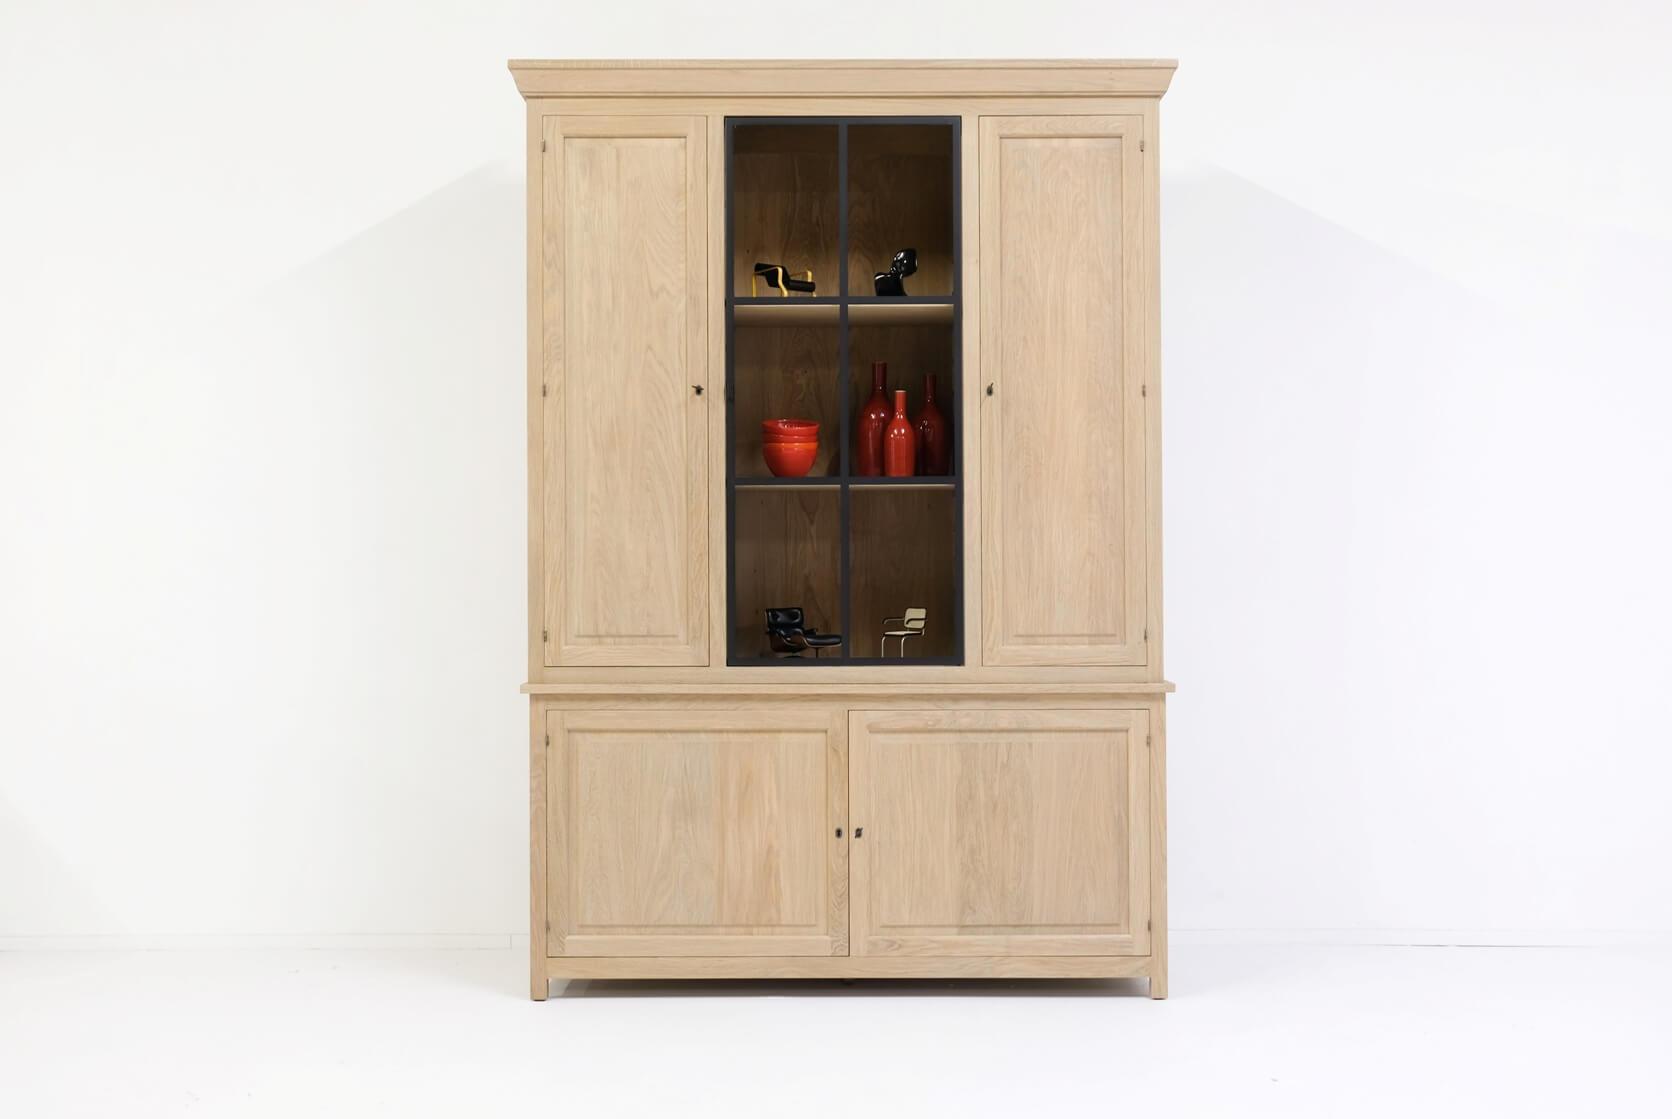 Vitrine kast eik met frame of houten deuren verschillende afmetingen mogelijk